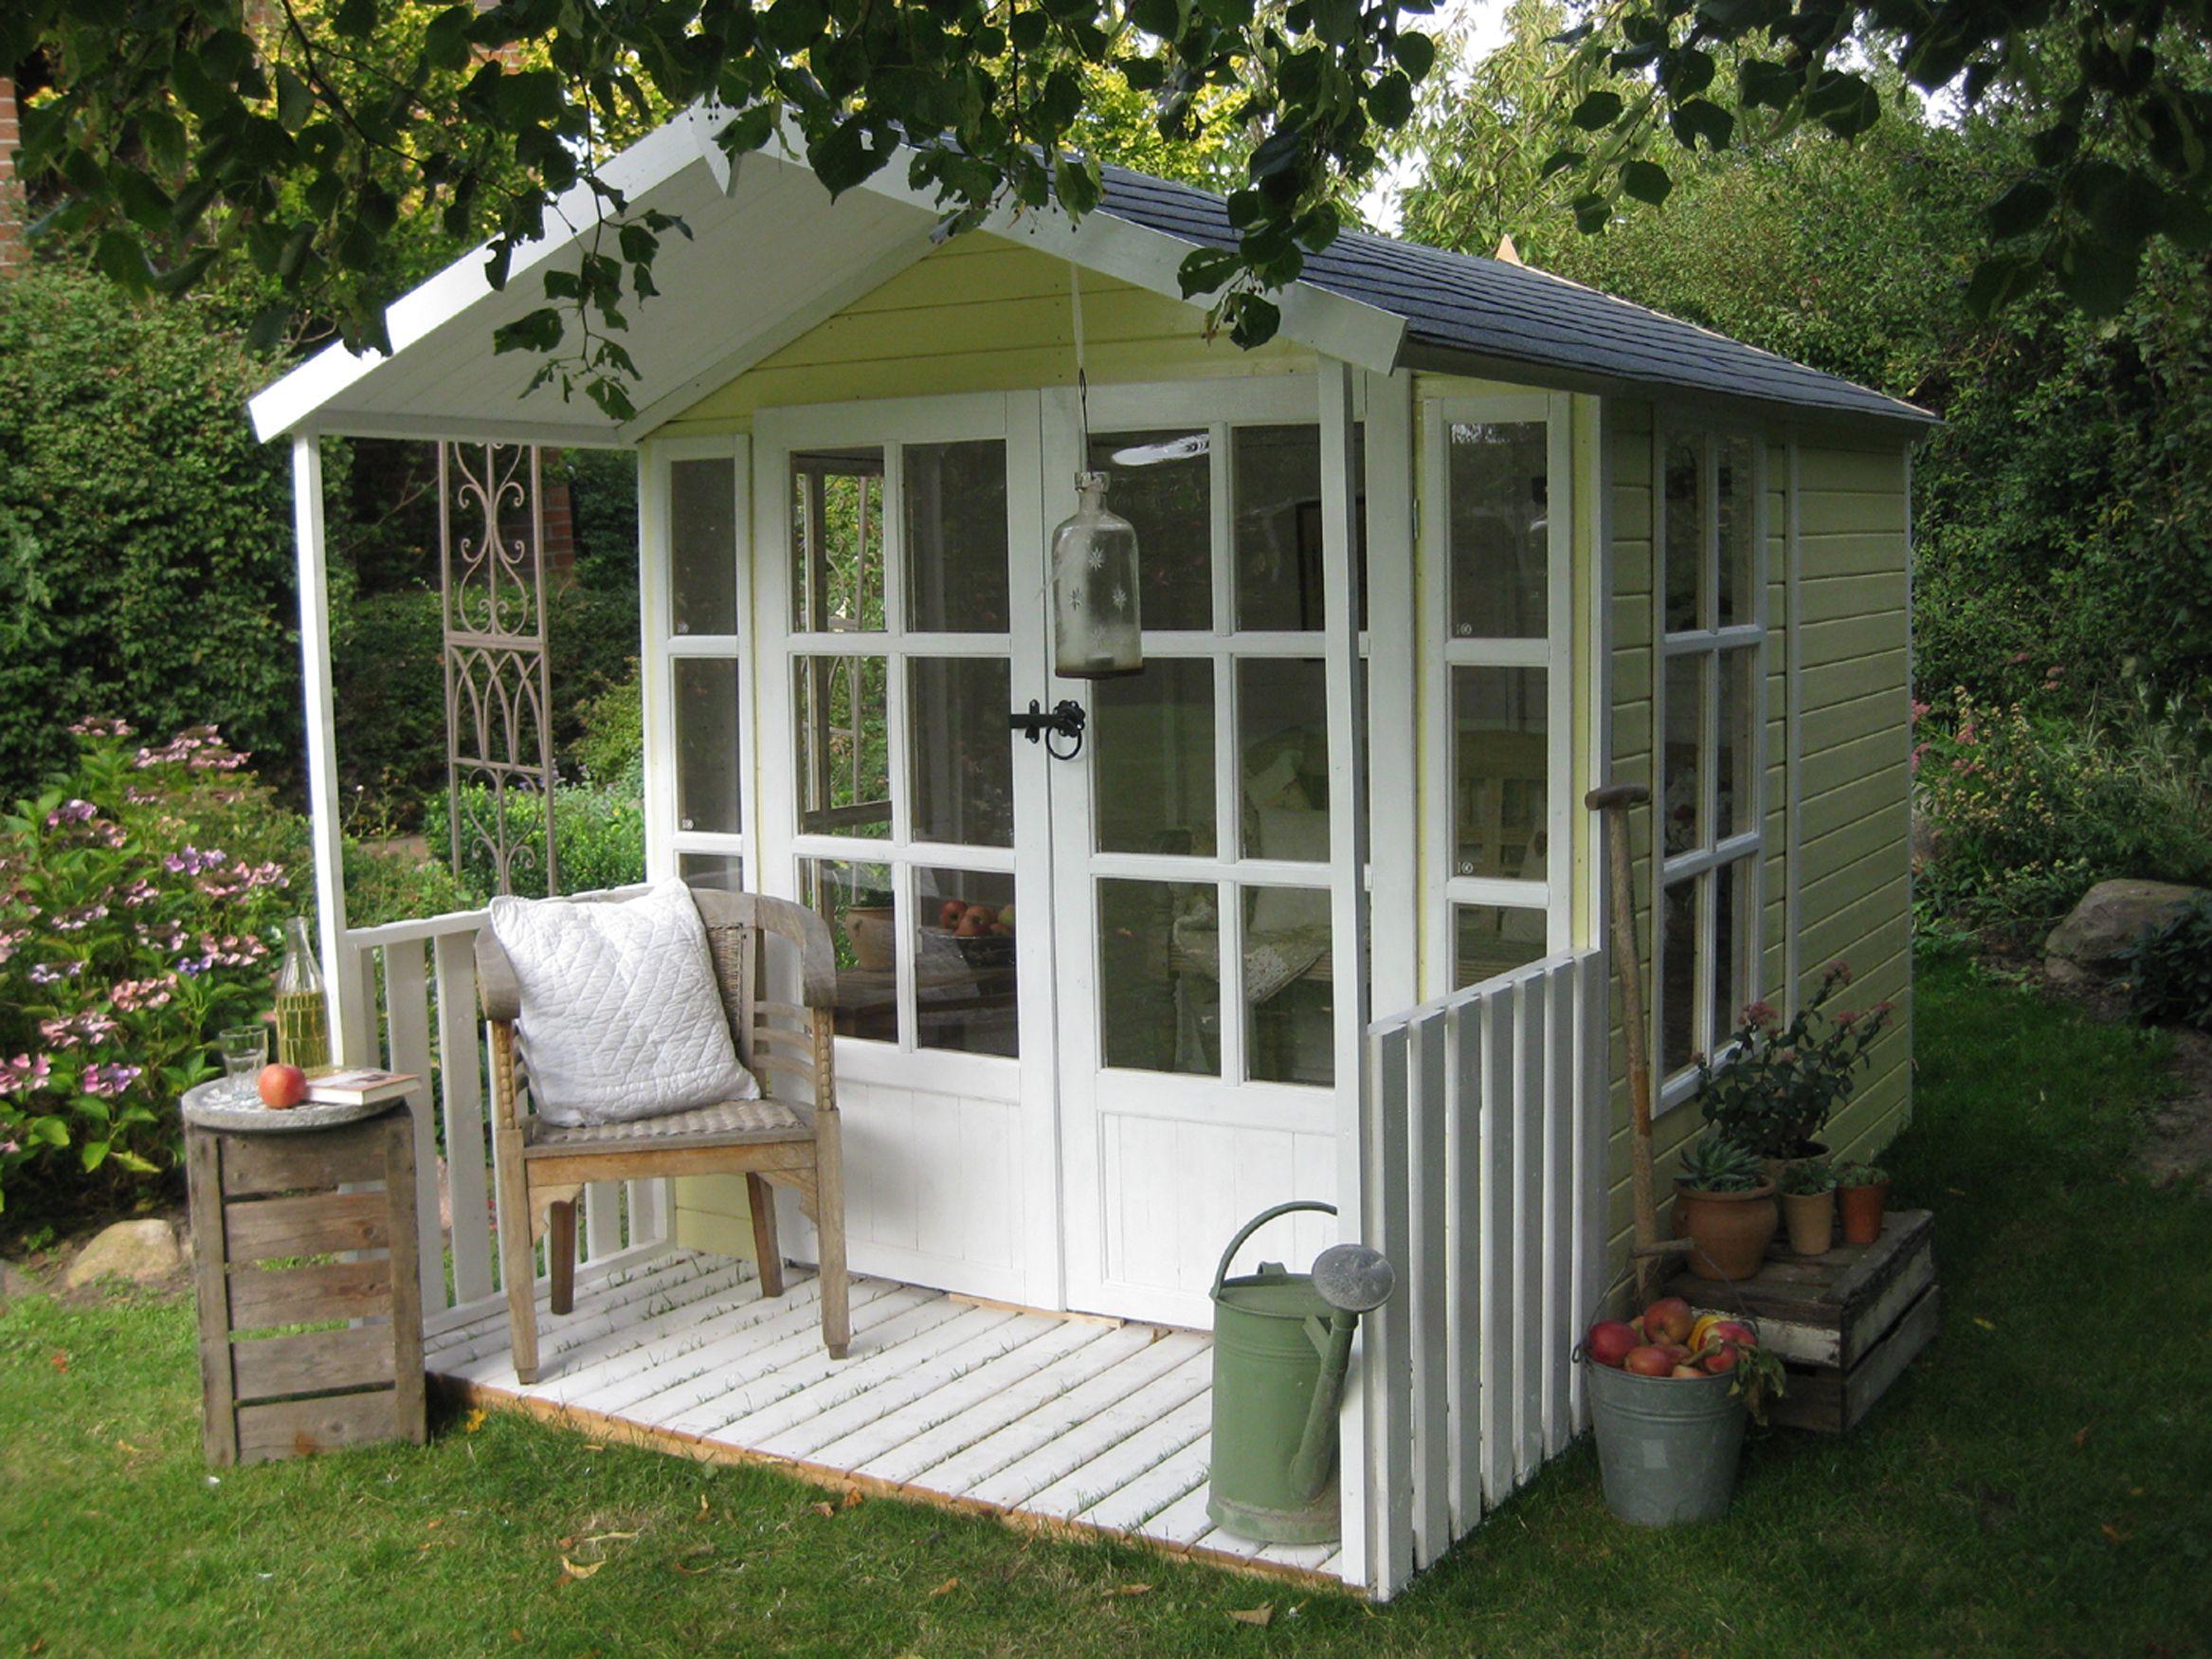 Gartenhaus Modell Laura Gartenhaus mit veranda